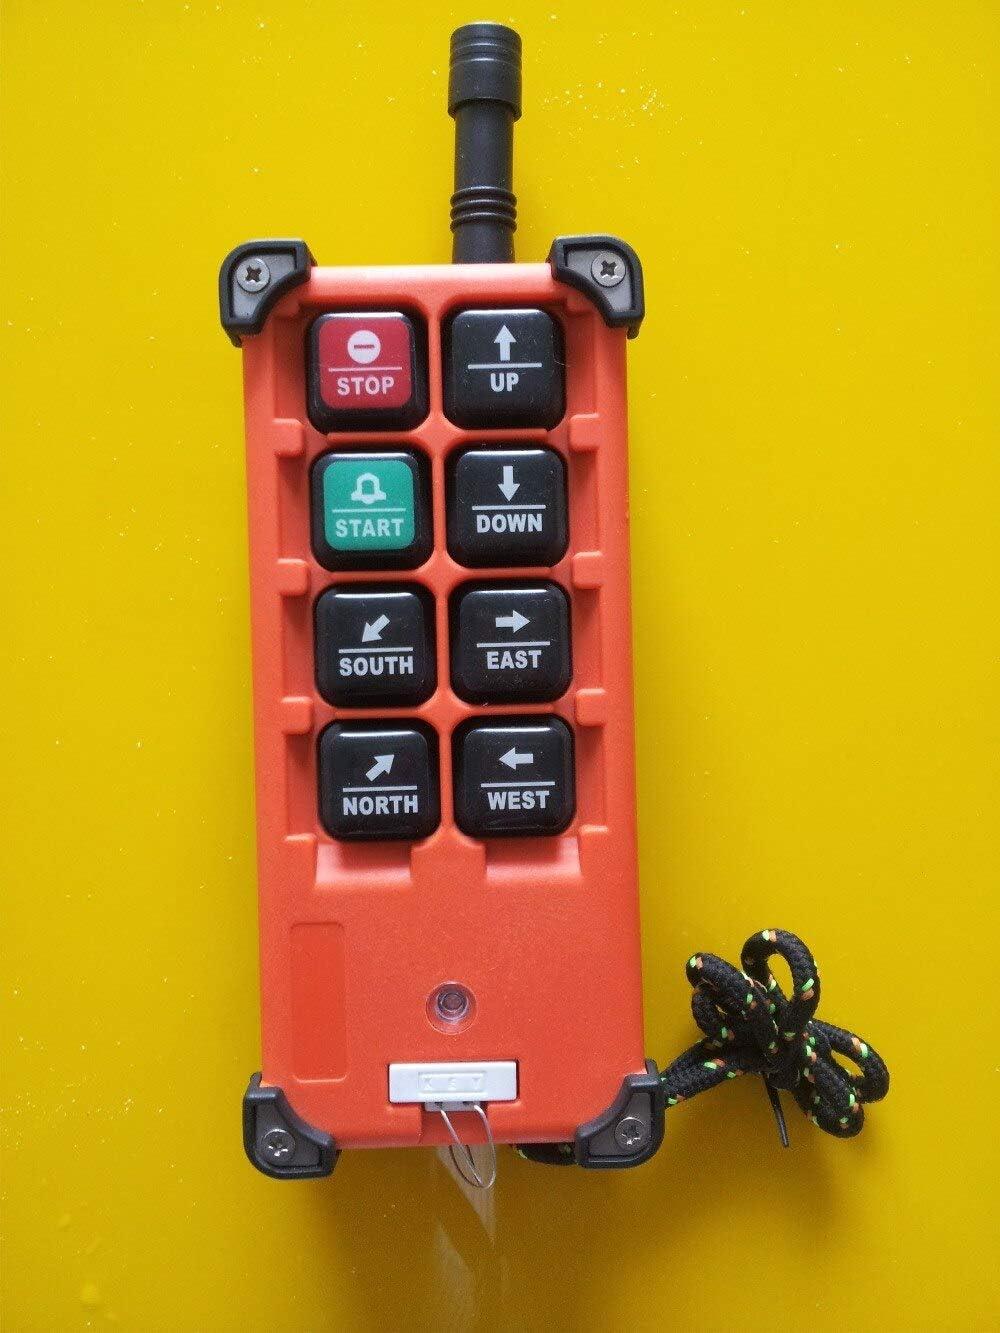 Calvas Telecrance F21-E1B Industrial radio remote control for crane and hoist VHF:310-331MHZ 65-440V Color: UHF425-446MHZ18-65V